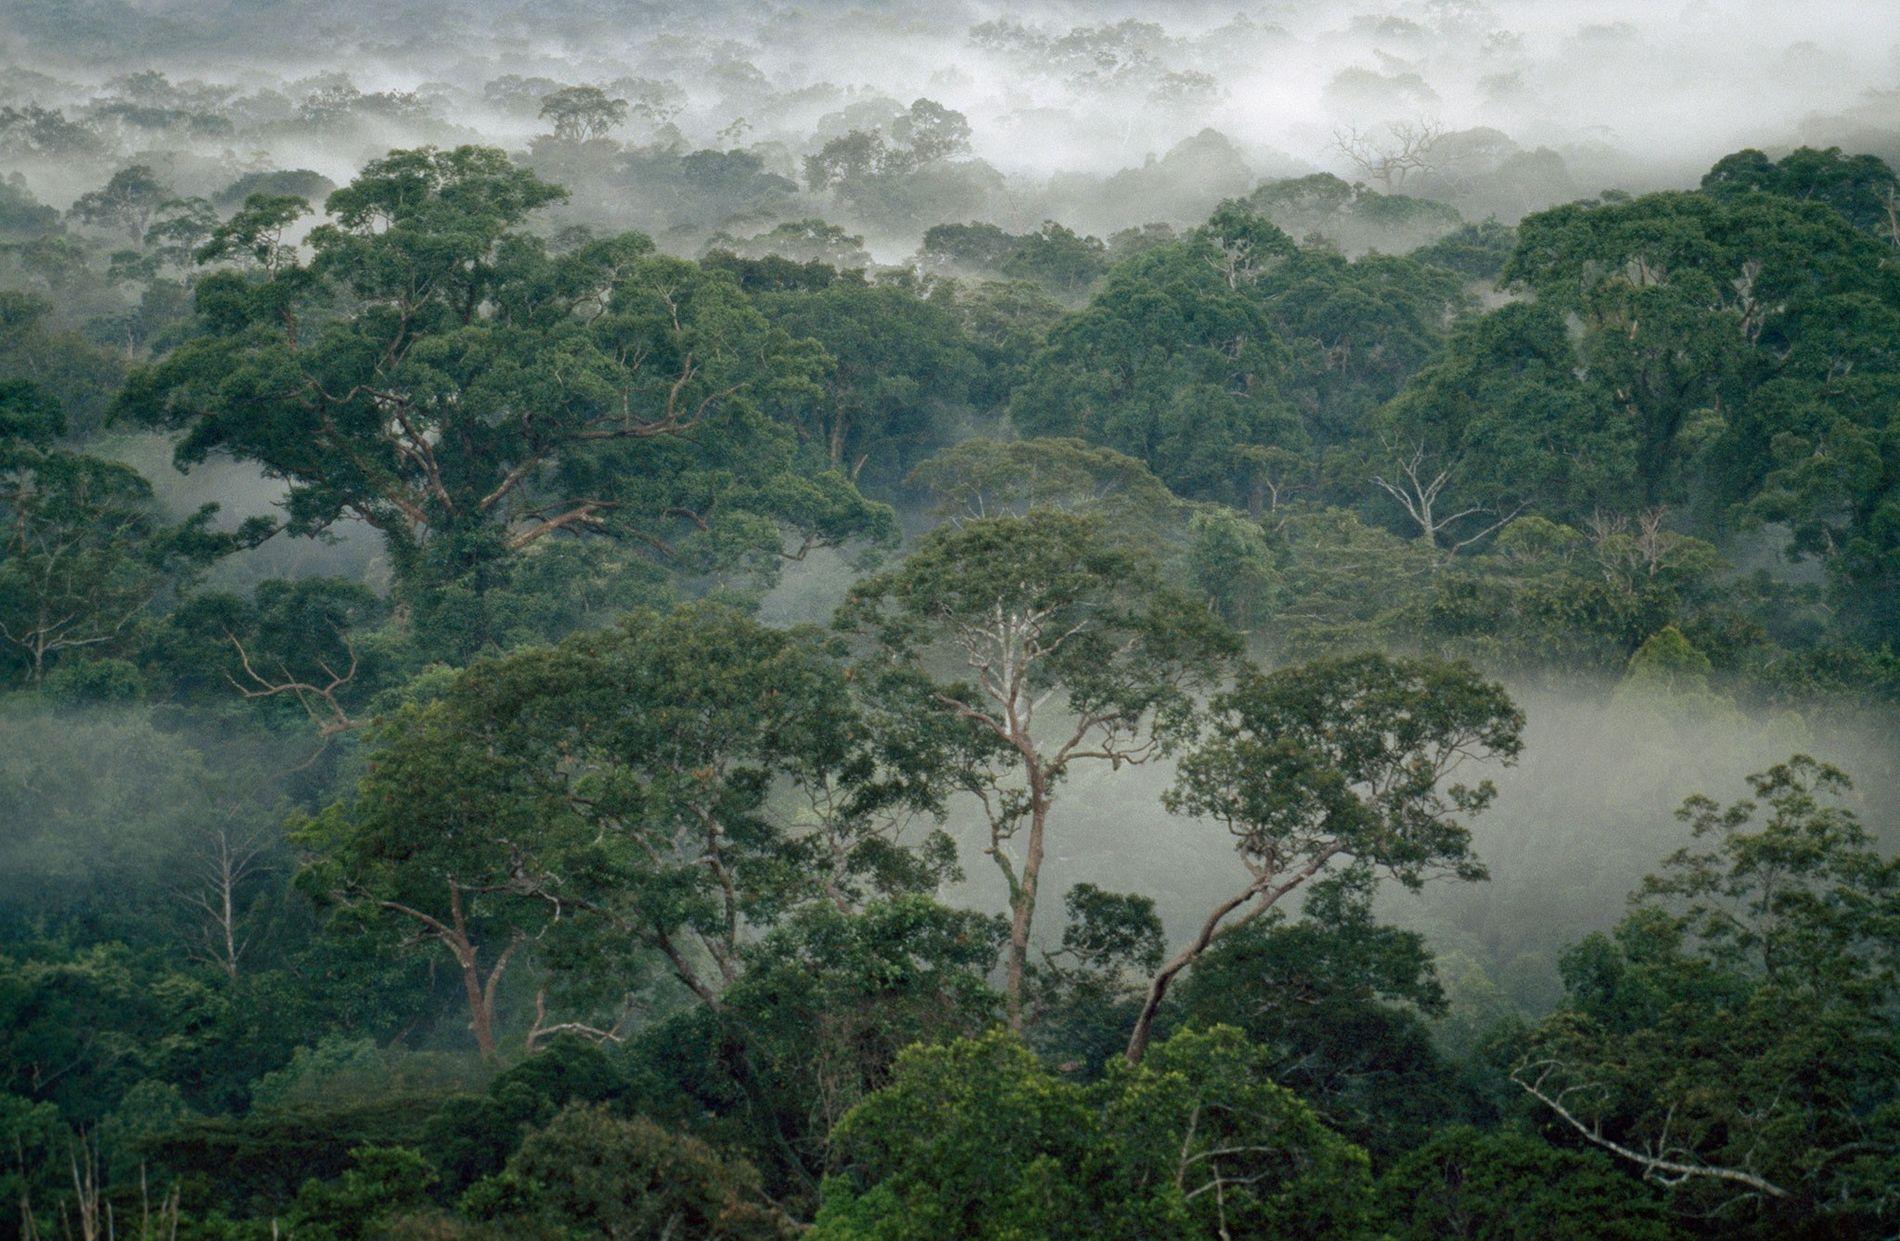 Árboles de la selva tropical envueltos en niebla en el parque nacional de Gunung Palung, isla de Borneo, Indonesia.